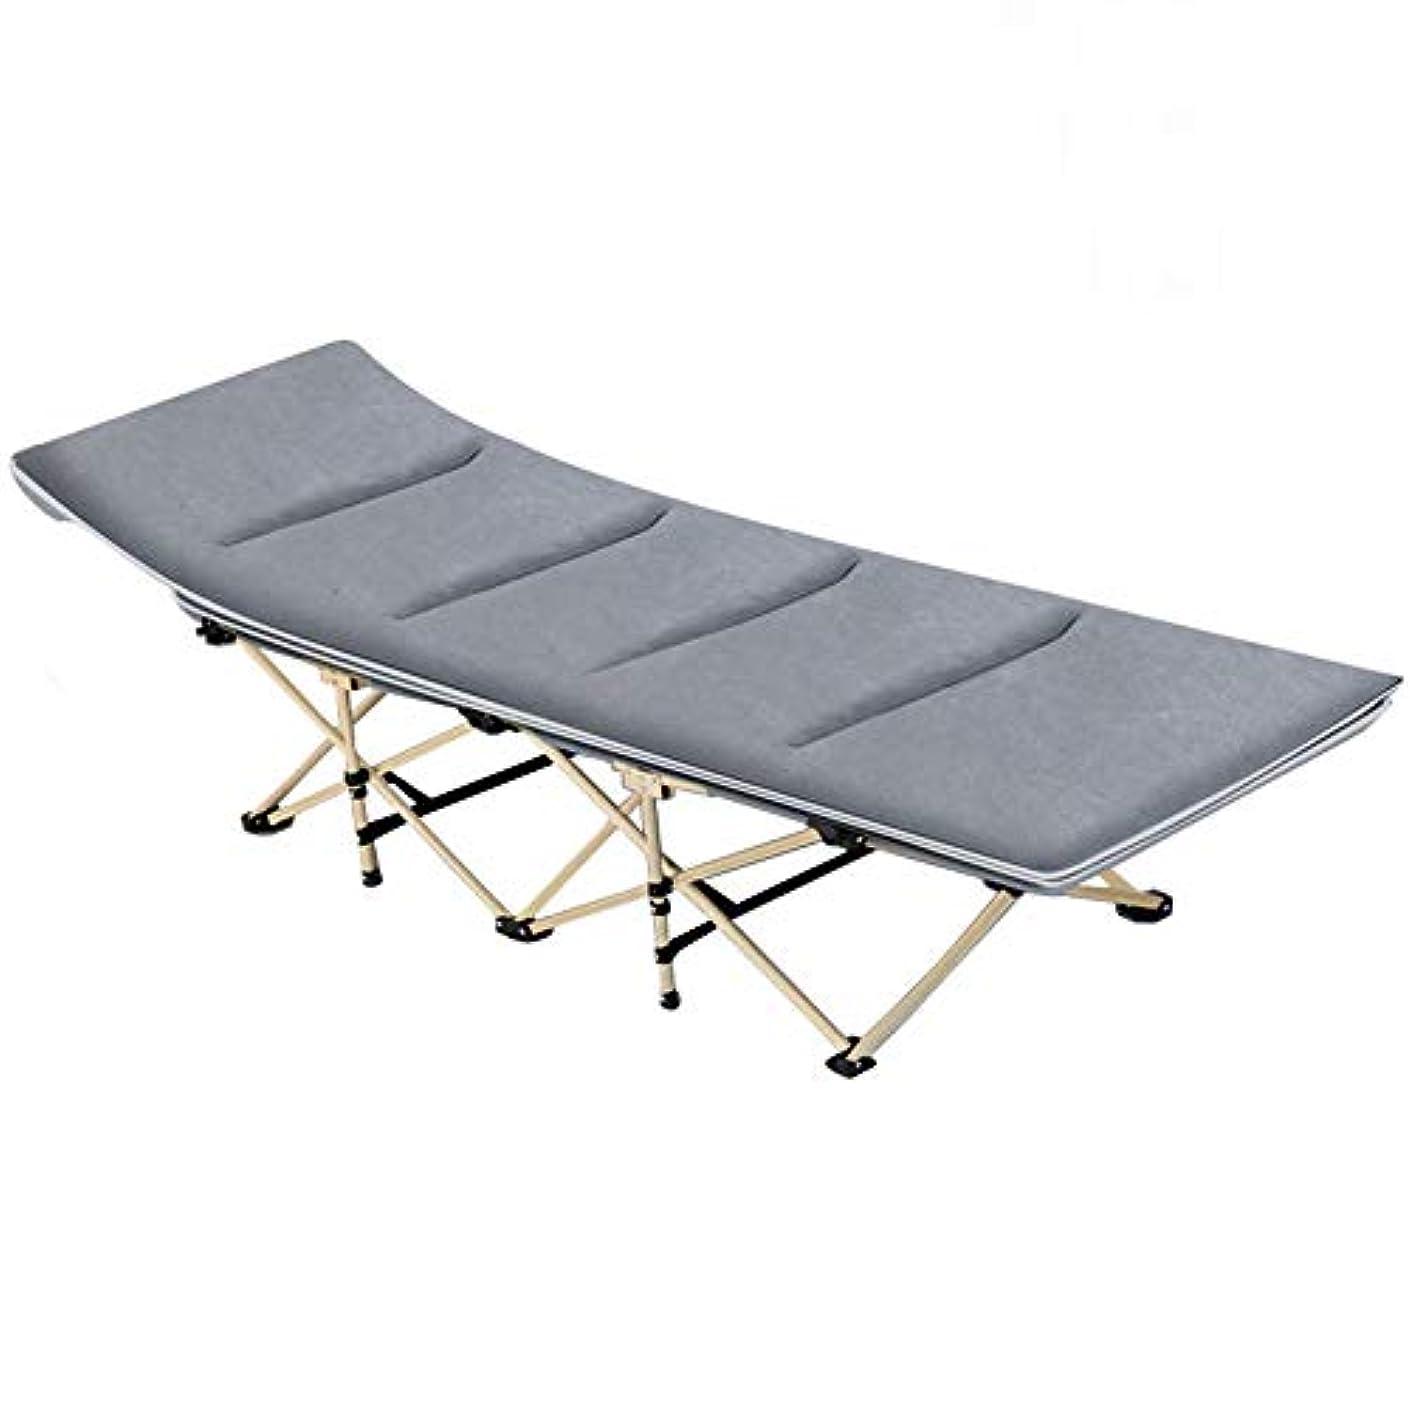 飼料聖歌かんがいポータブル折り畳み式ベッド(マットレス付き)3Dピローマルチファンクションオフィスナップシングルベッド病院無料ランチブレイク